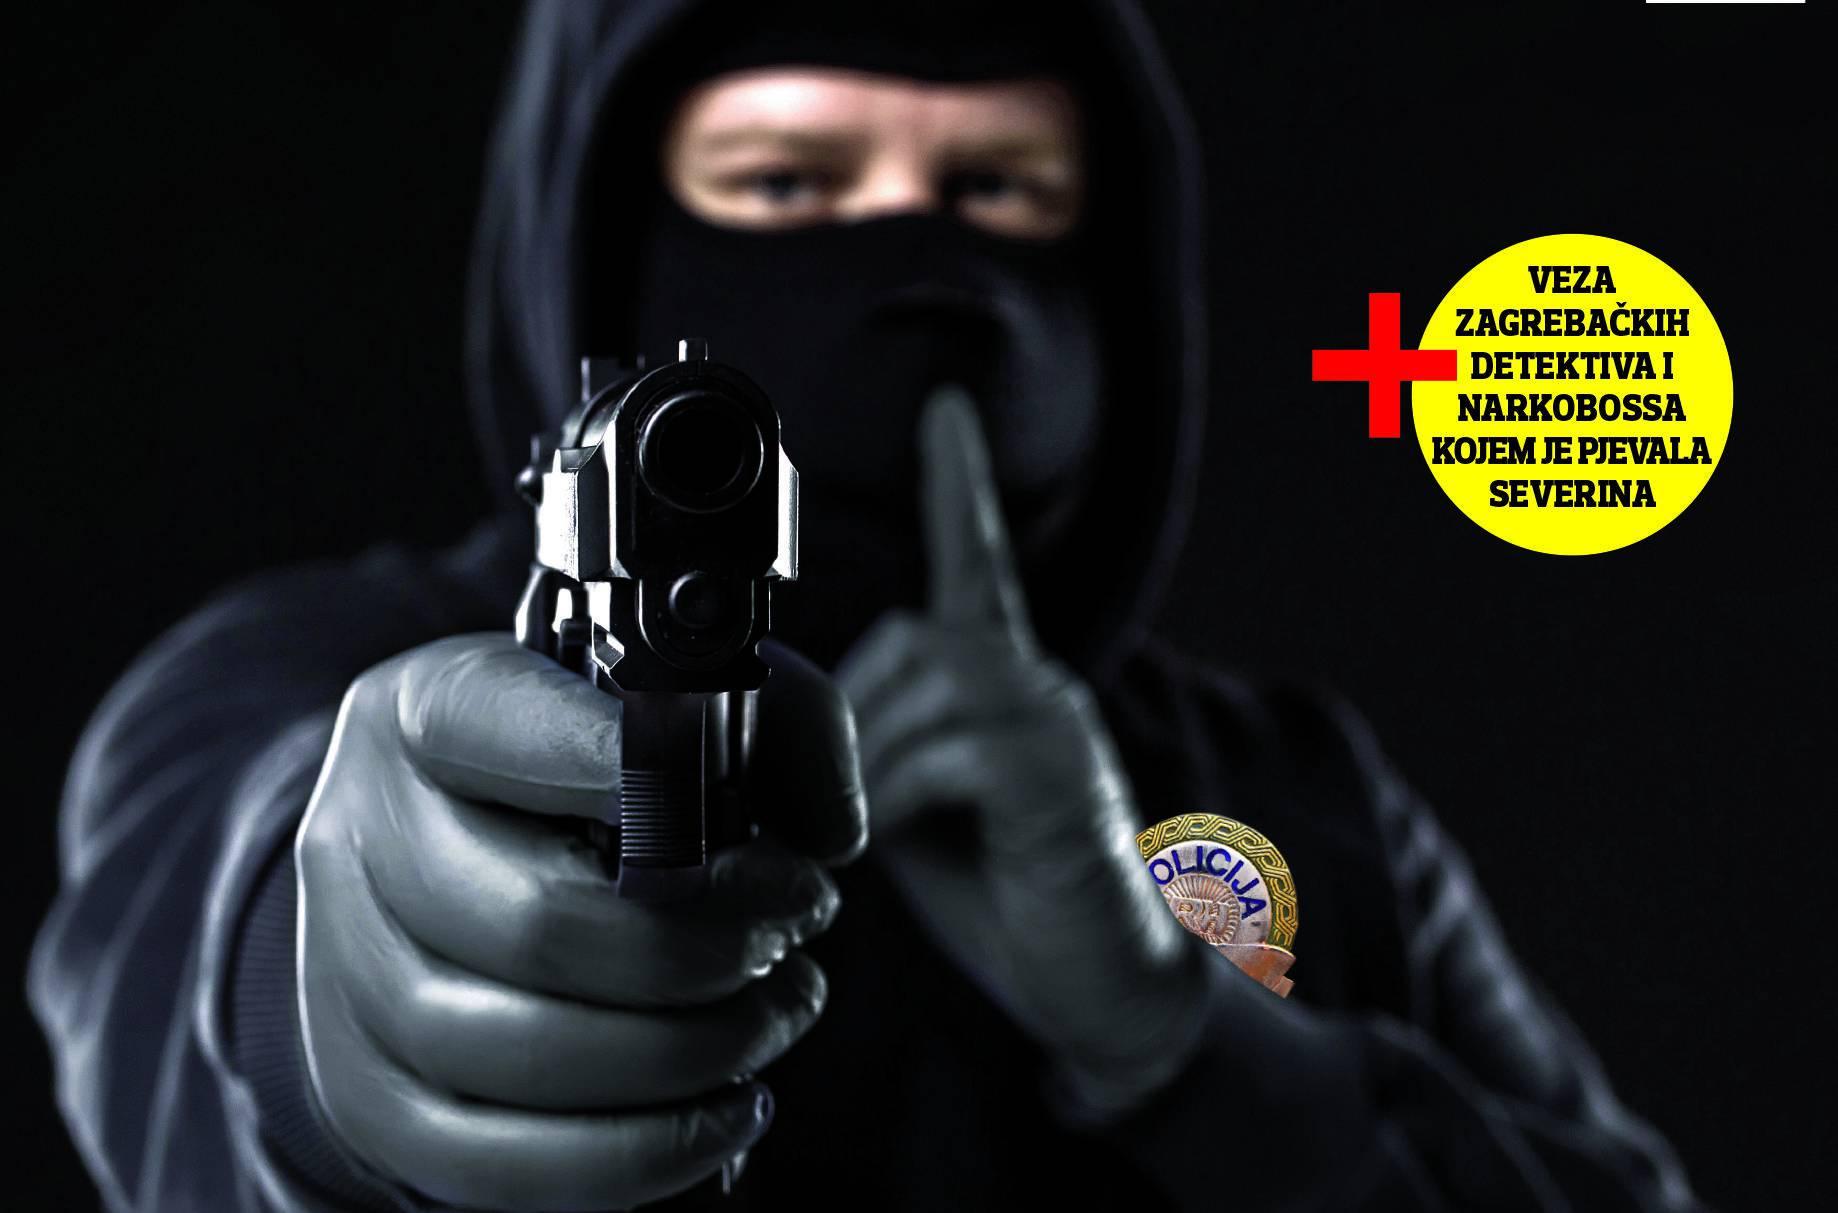 Svi skandali u policiji: Dilere i kamatare štitili su - detektivi!